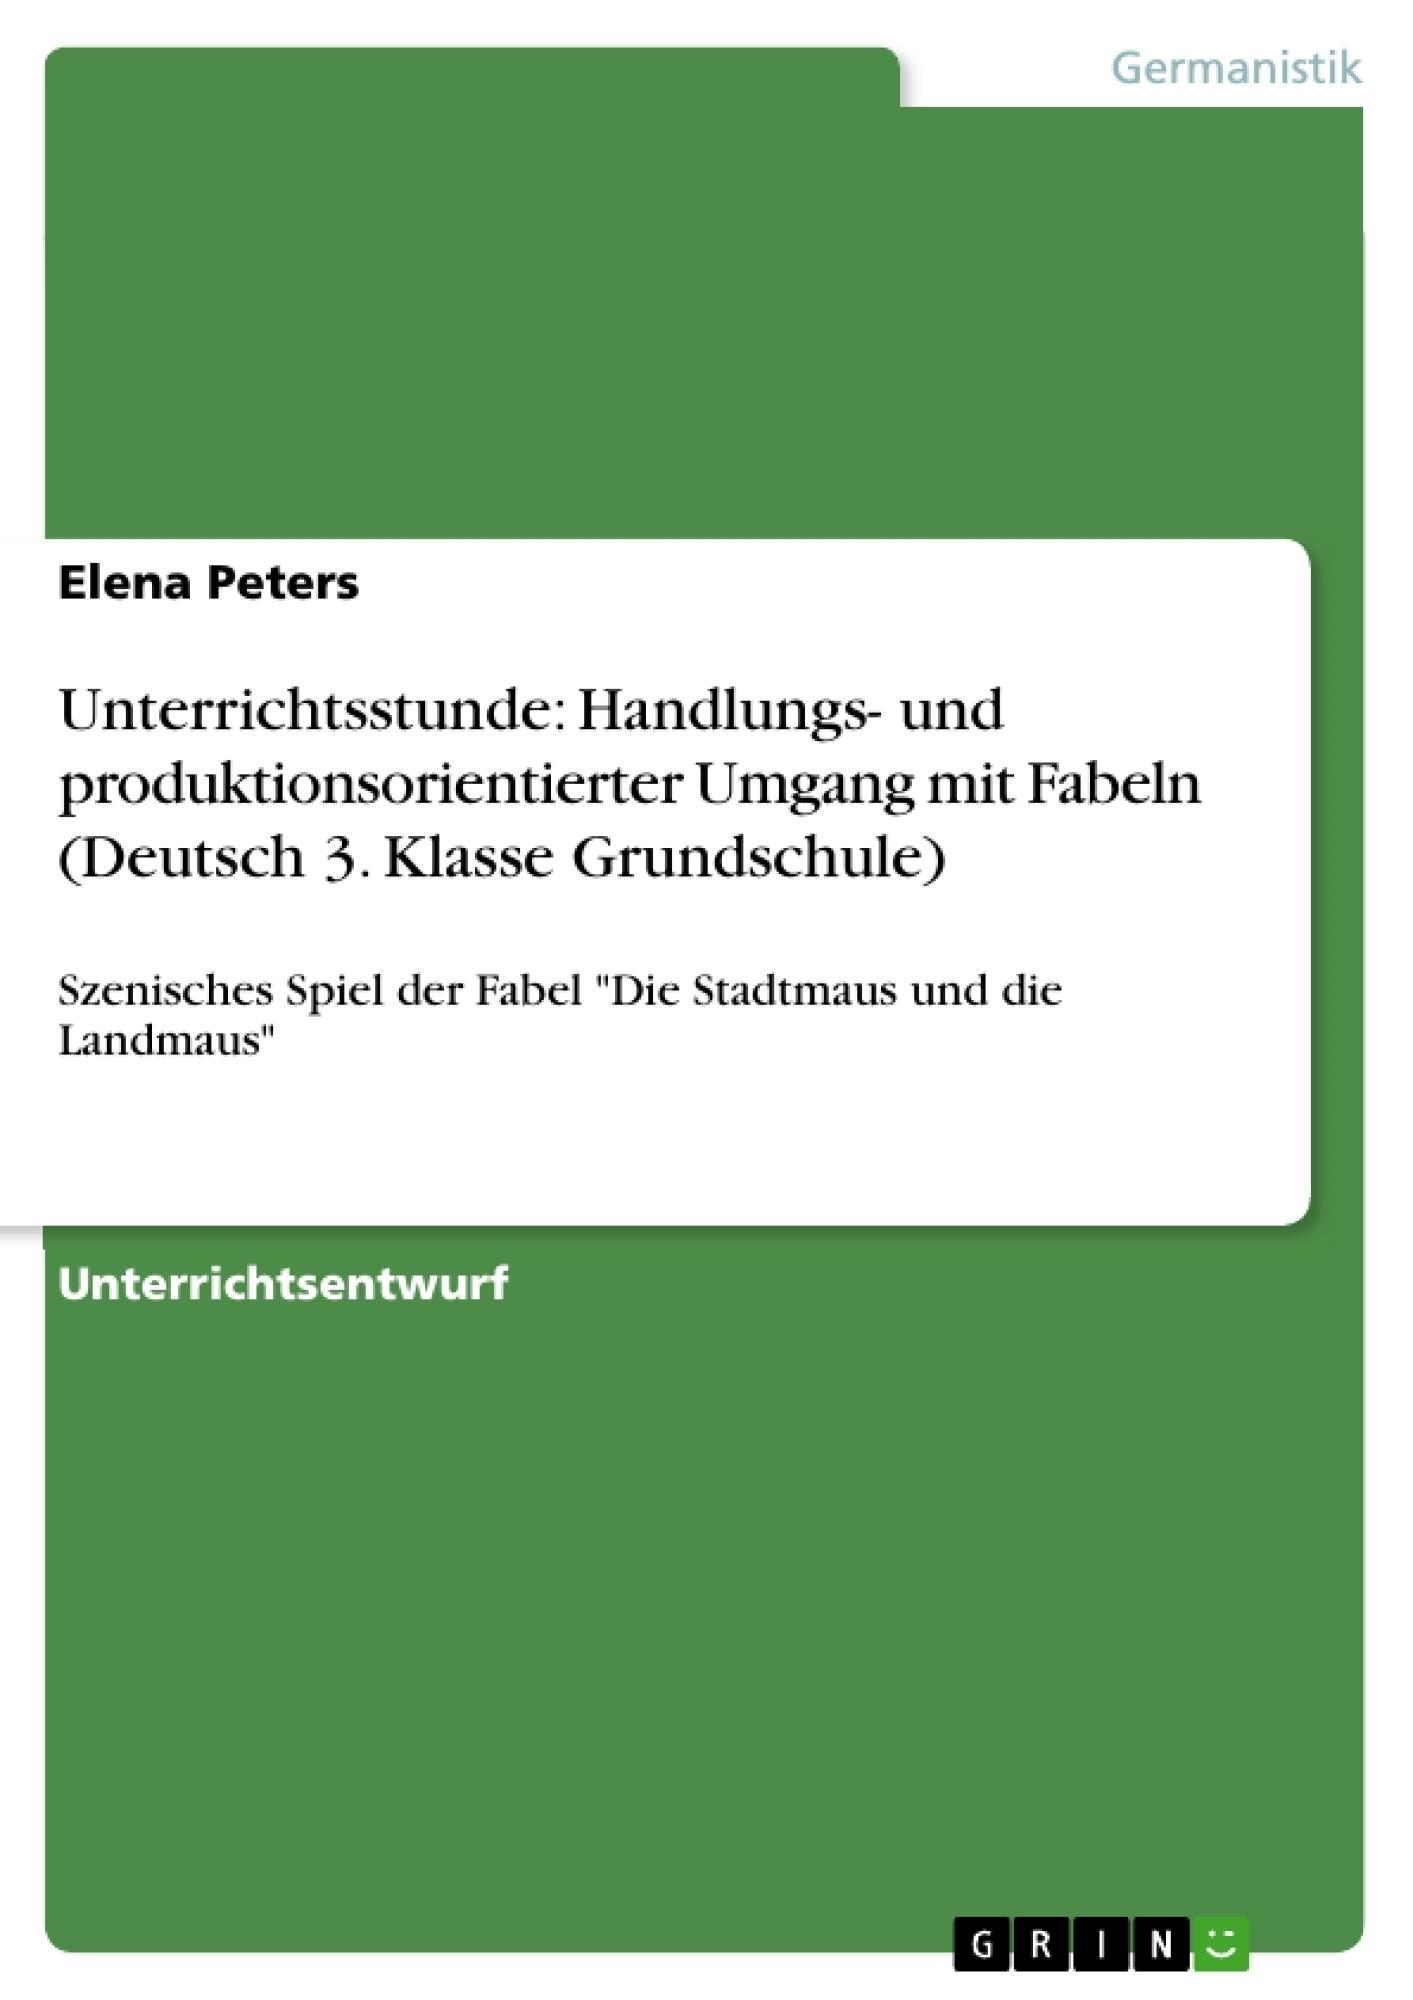 Titel: Unterrichtsstunde: Handlungs- und produktionsorientierter Umgang mit Fabeln (Deutsch 3. Klasse Grundschule)